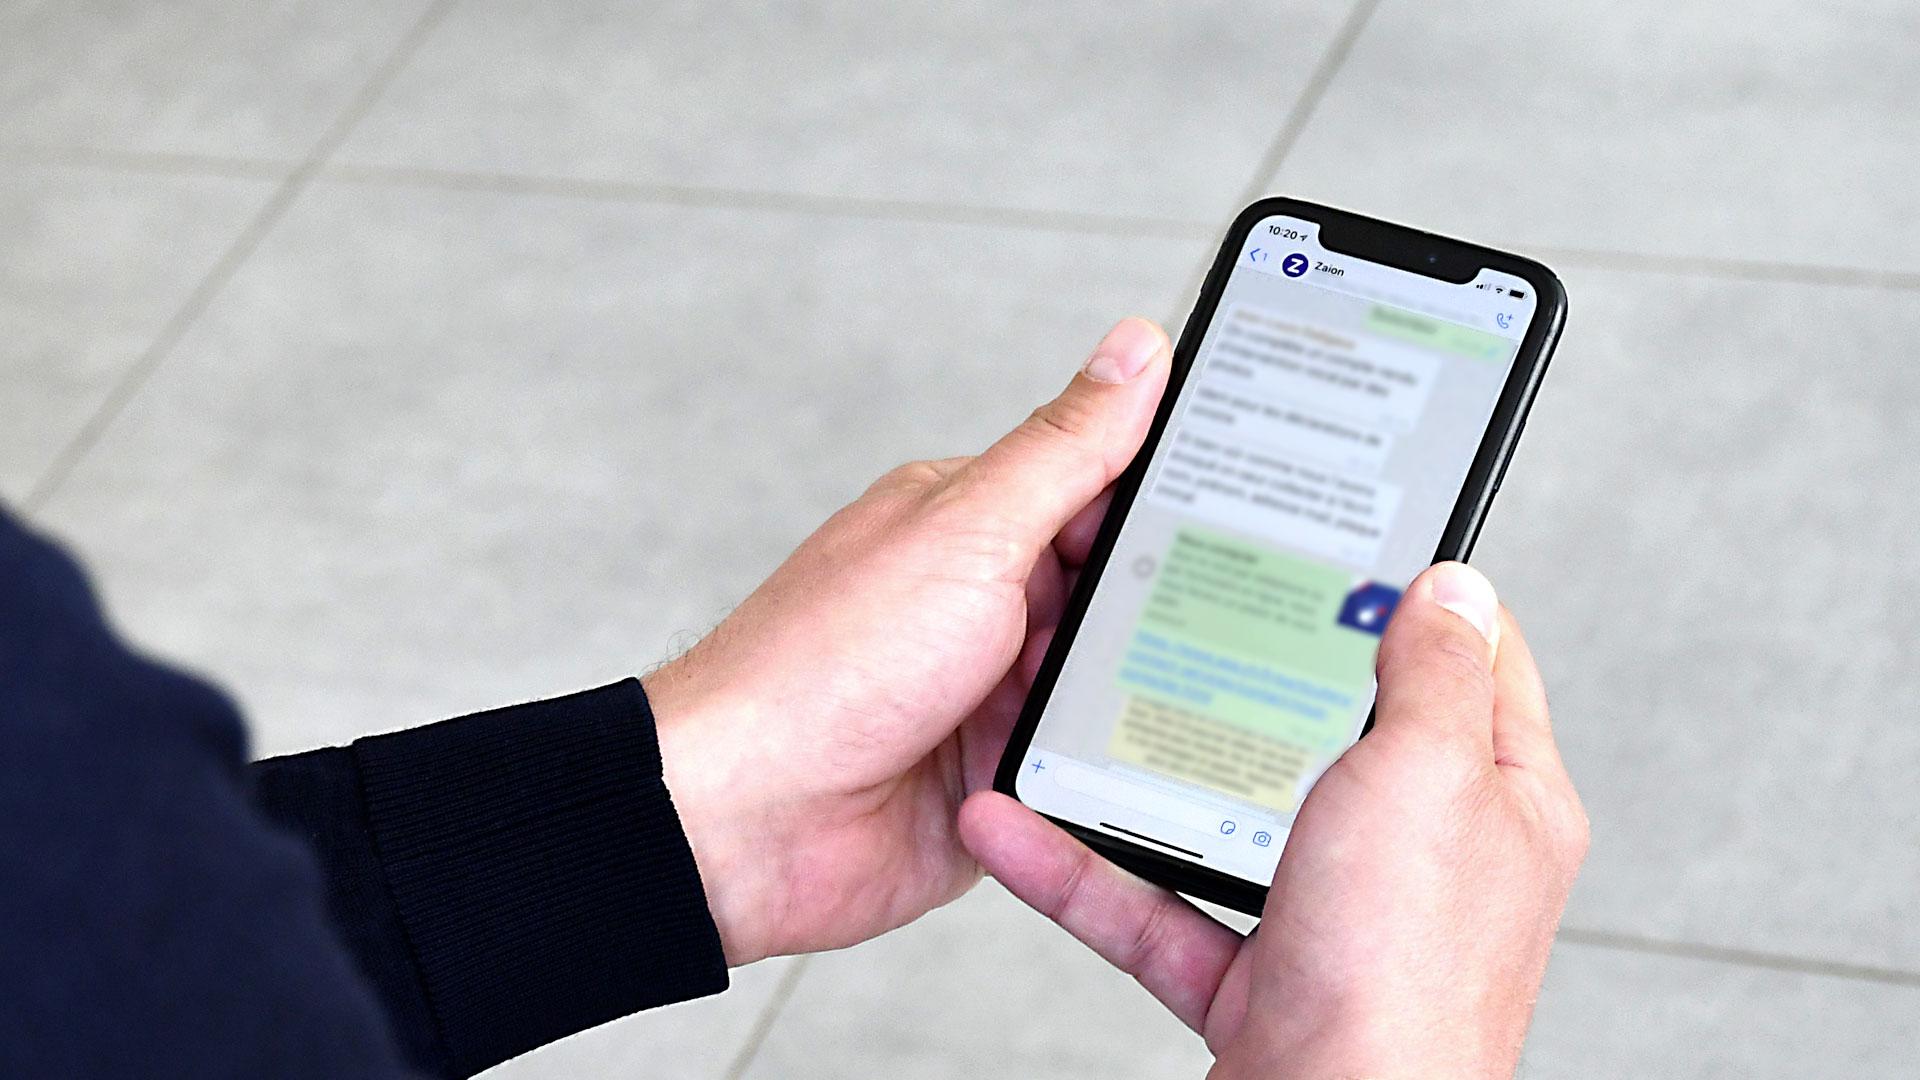 Vous souhaitez fidéliser vos clients et optimiser la relation client de votre entreprise en complément du téléphone ? Optez sans hésiter pour l'instant messaging et le messaging bot.